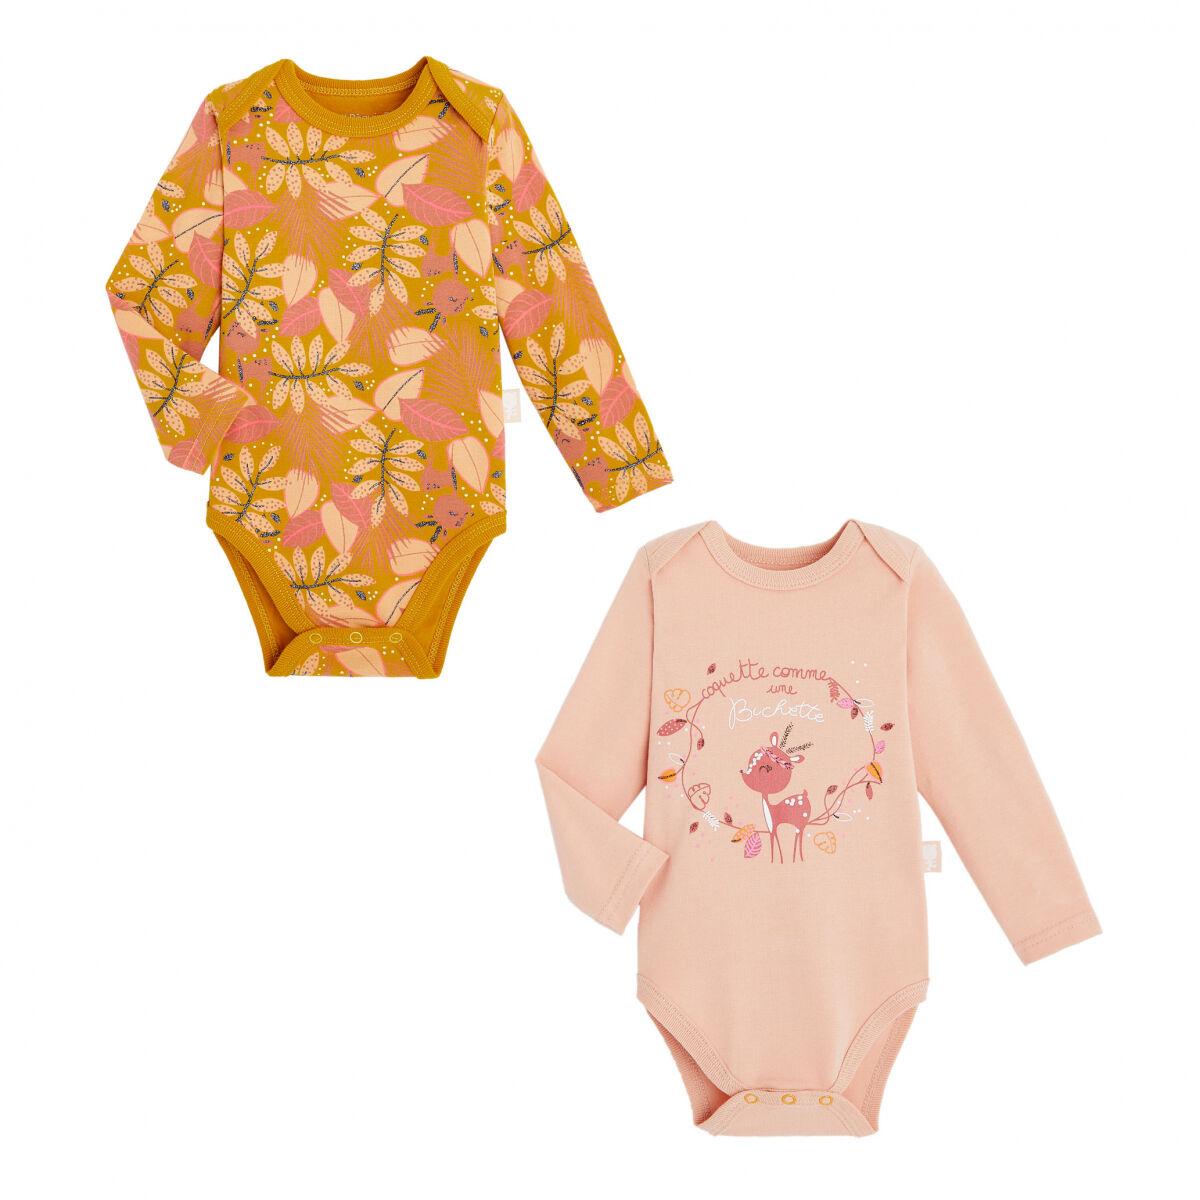 Petit Béguin Lot de 2 bodies bébé fille manches longues contenant du coton bio Papaye - Taille - 36 mois